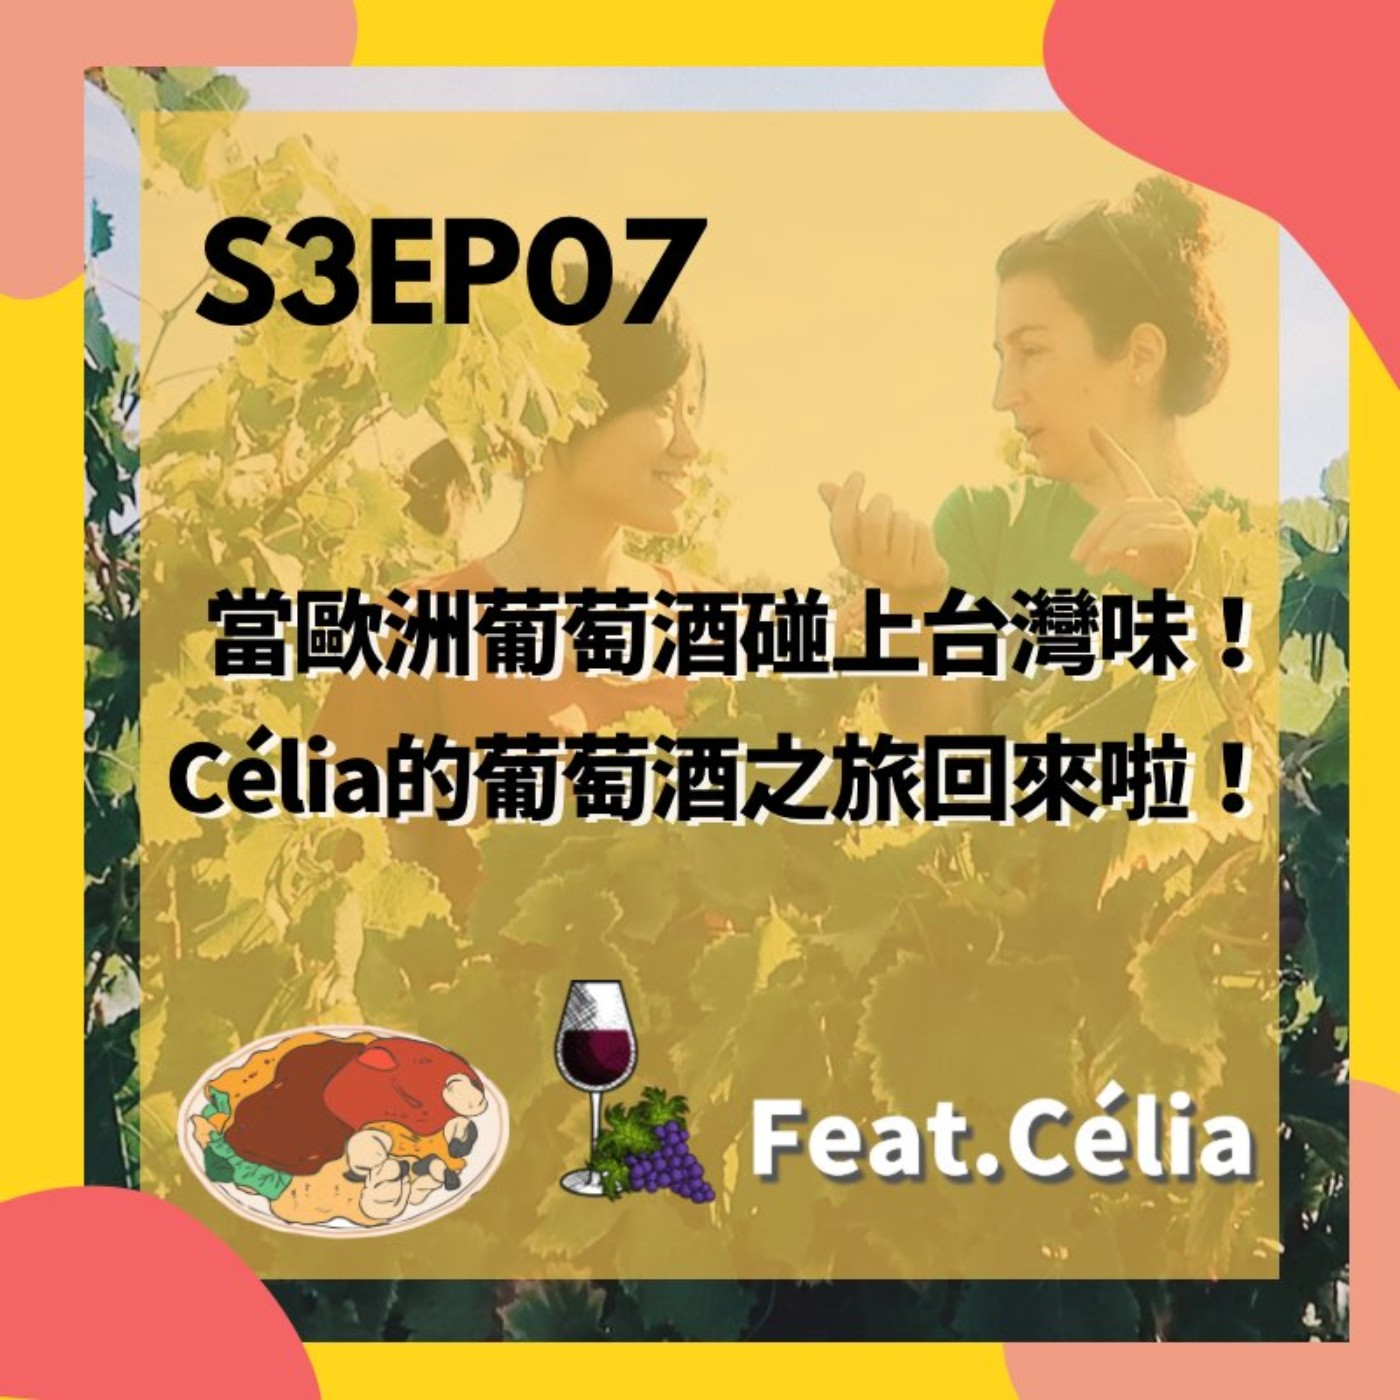 S3EP07│當歐洲葡萄酒碰上台灣味!Célia的葡萄酒之旅回來啦!Feat.Célia